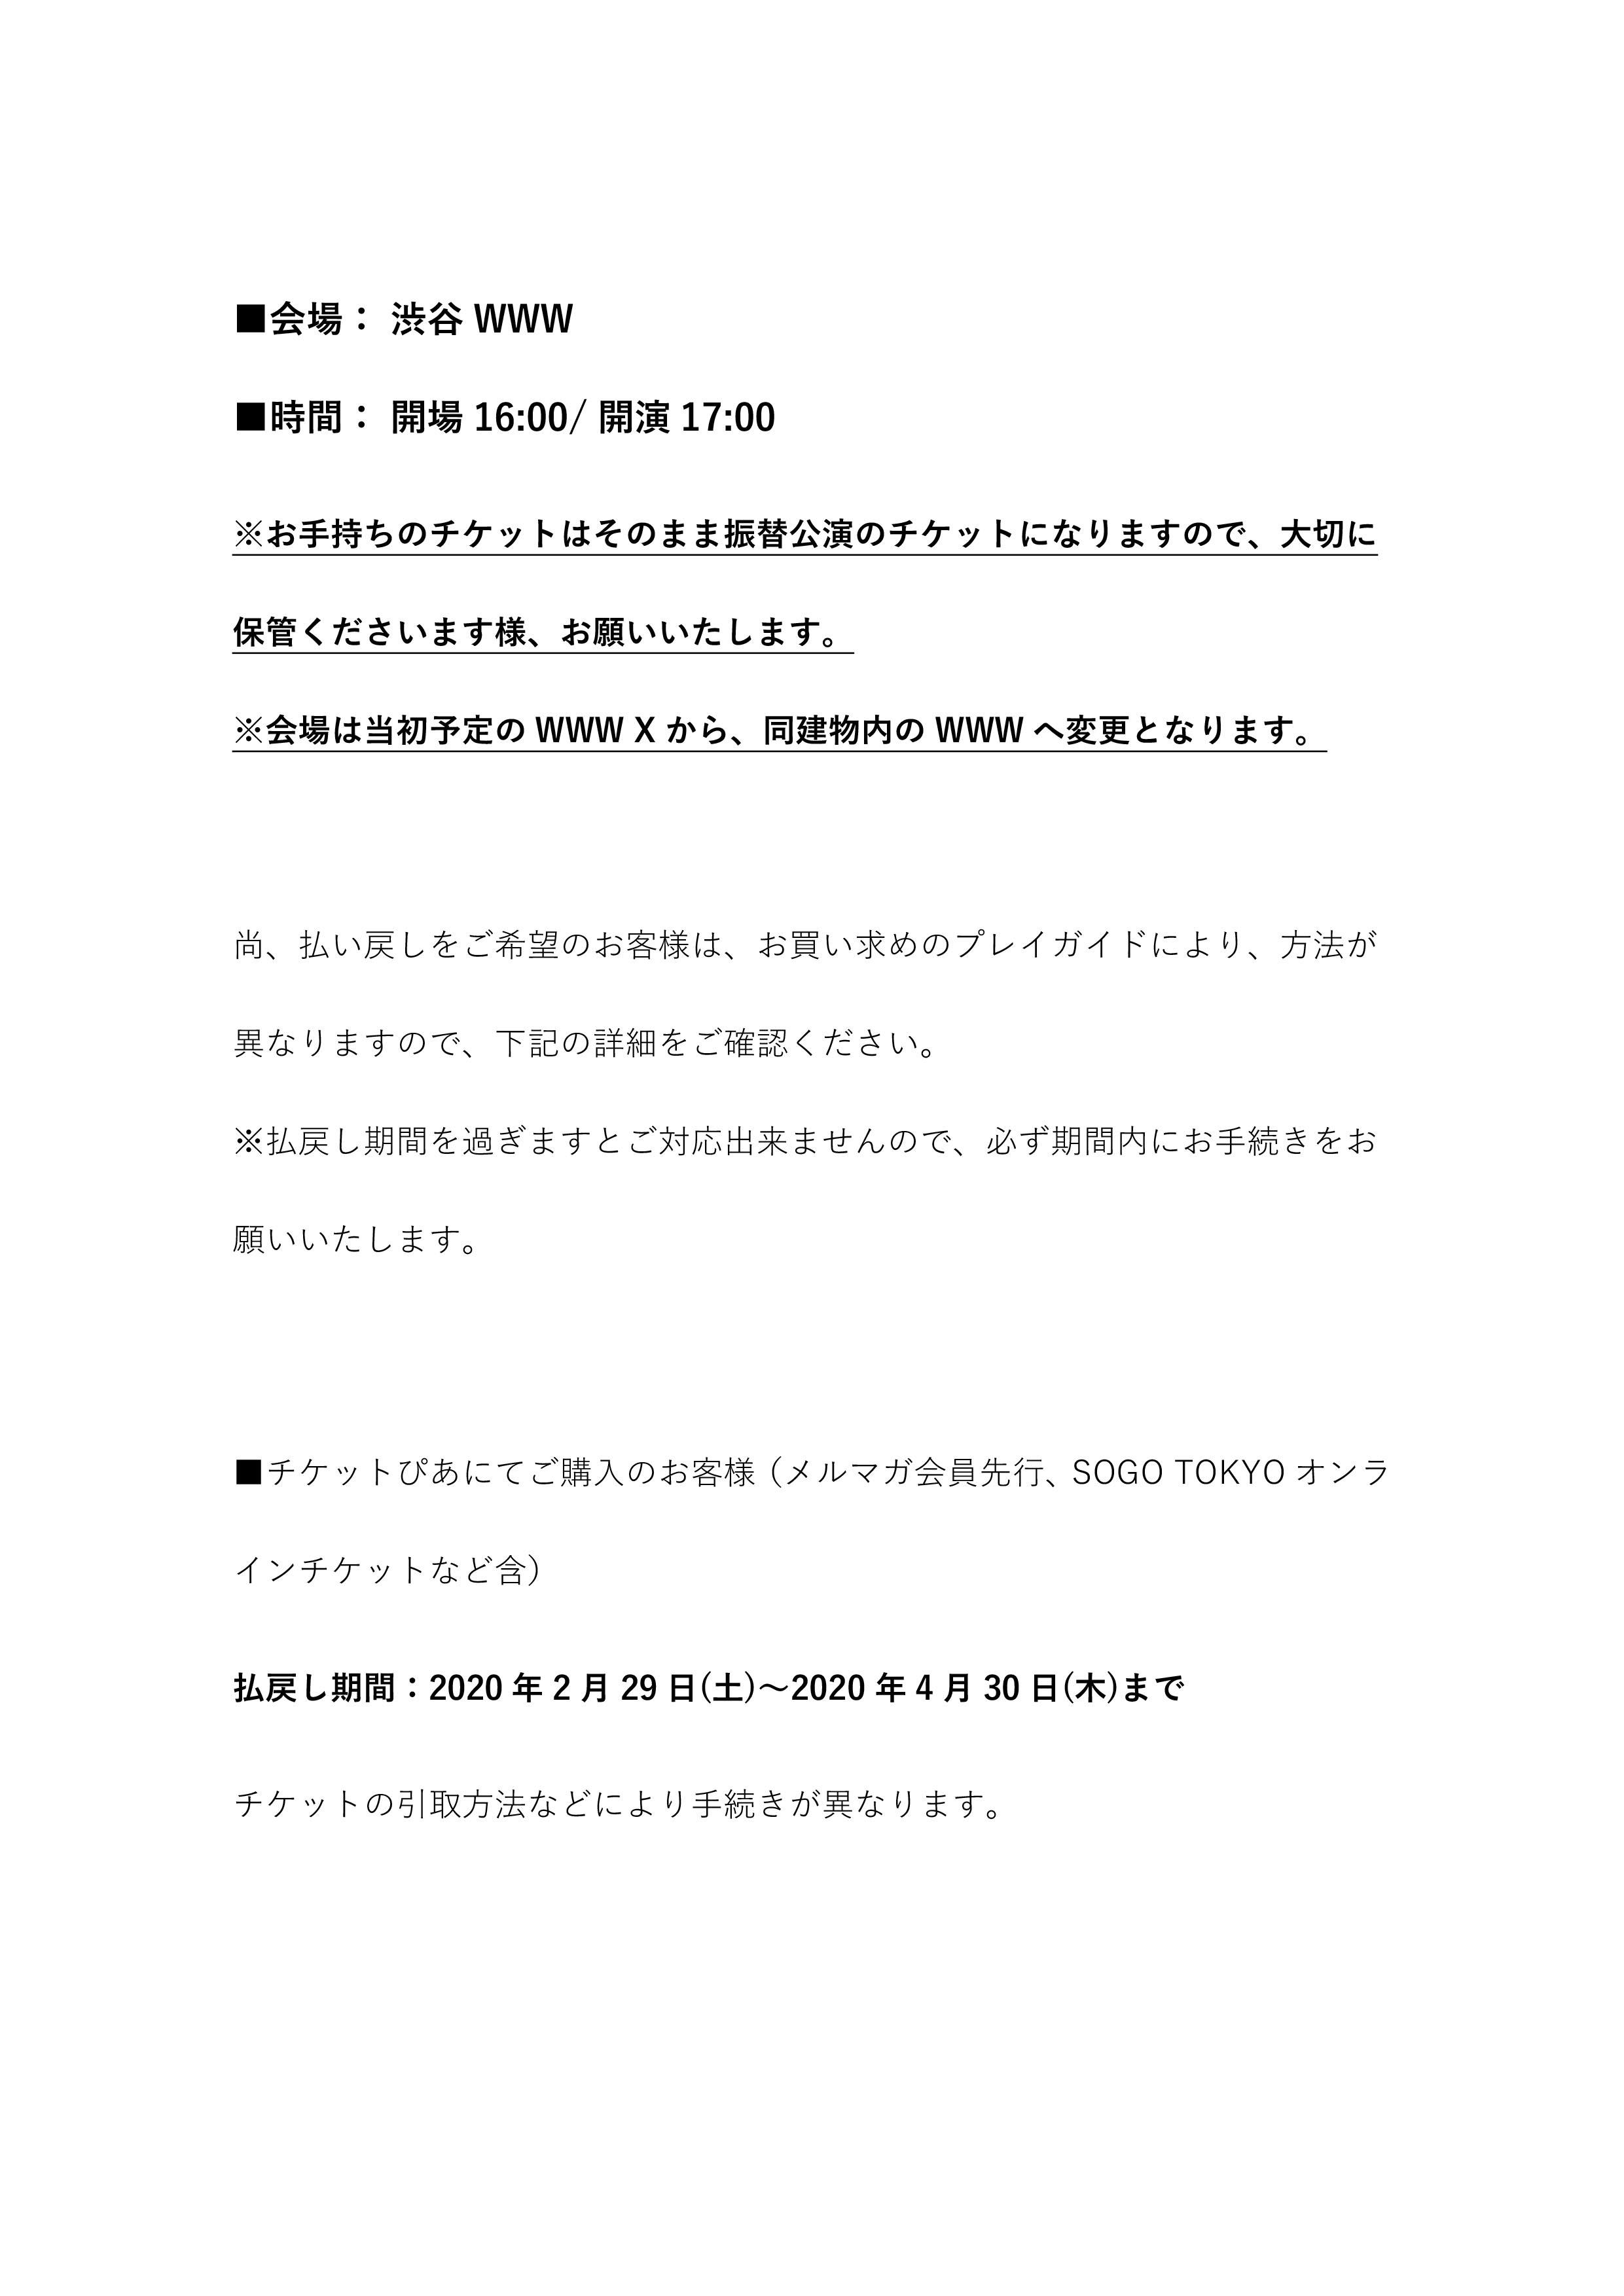 【公演延期】 Brand New Vibe 3.1@WWW X-2.jpg